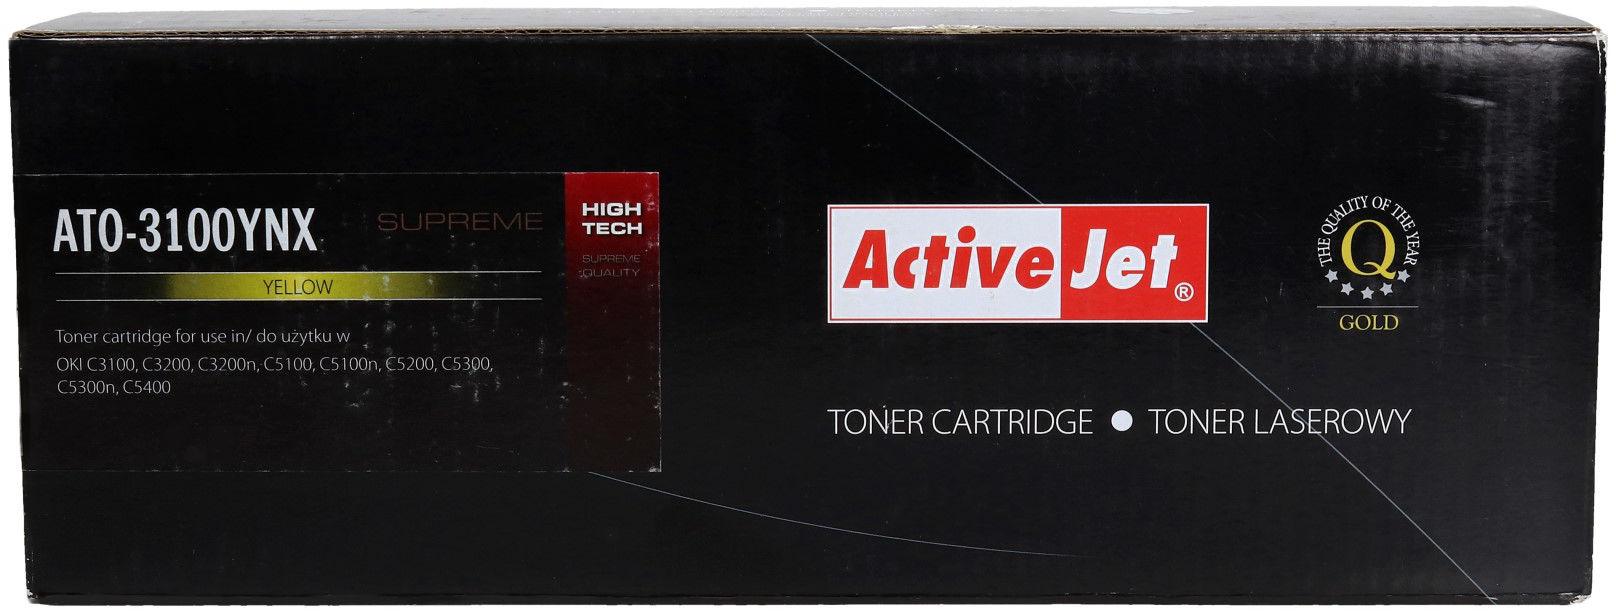 Toner Oki C3100/3200 yellow 5k ActiveJet ATO-3100YNX